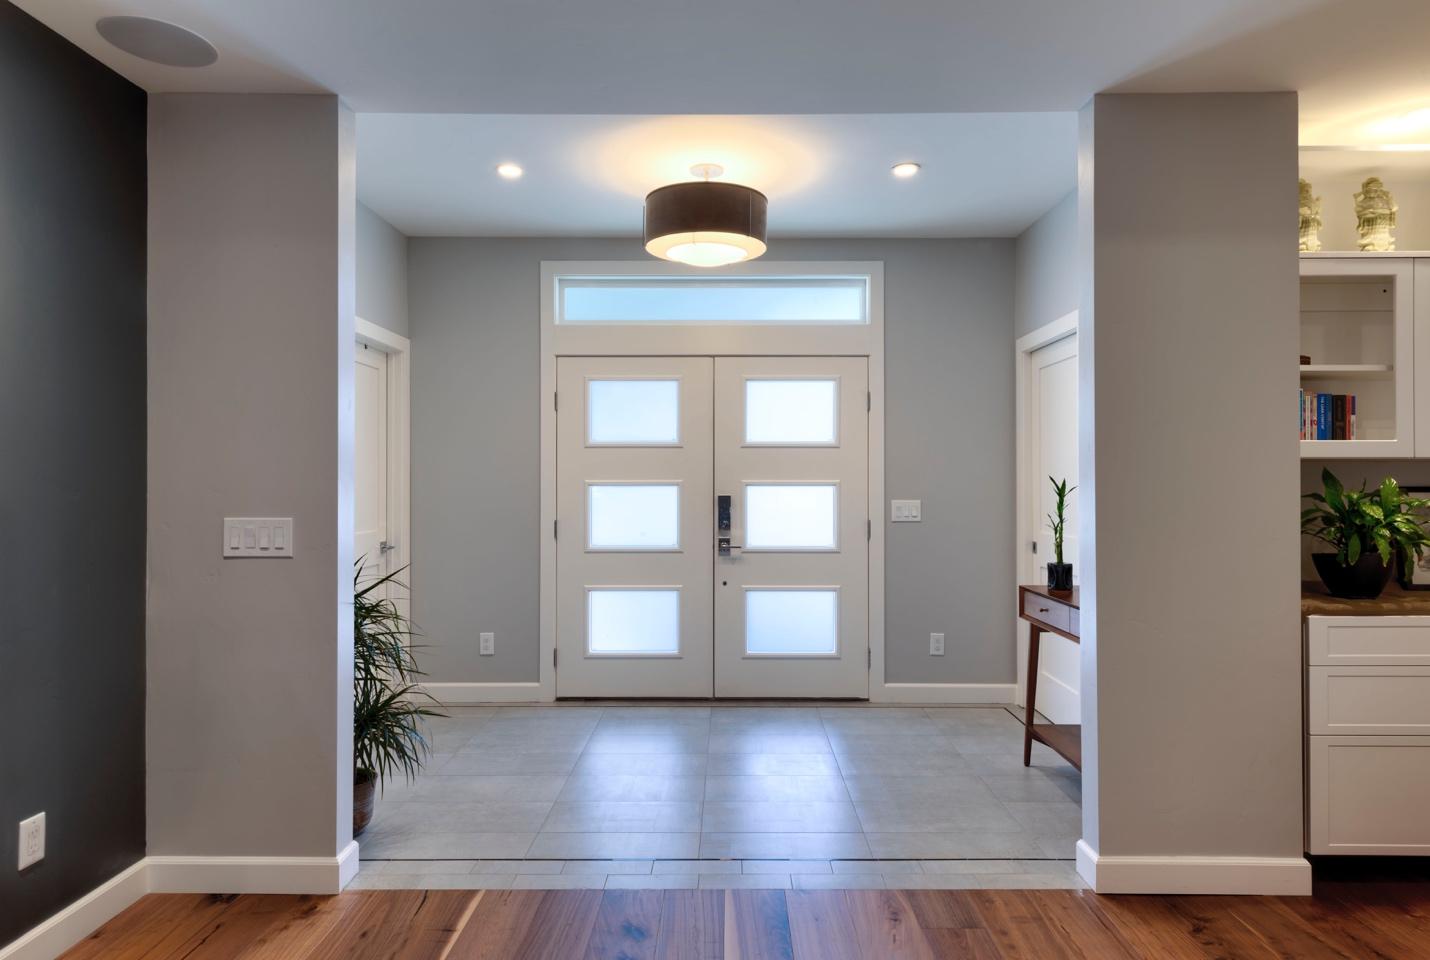 Elegant Corridor, interior work design, Sunnyvale